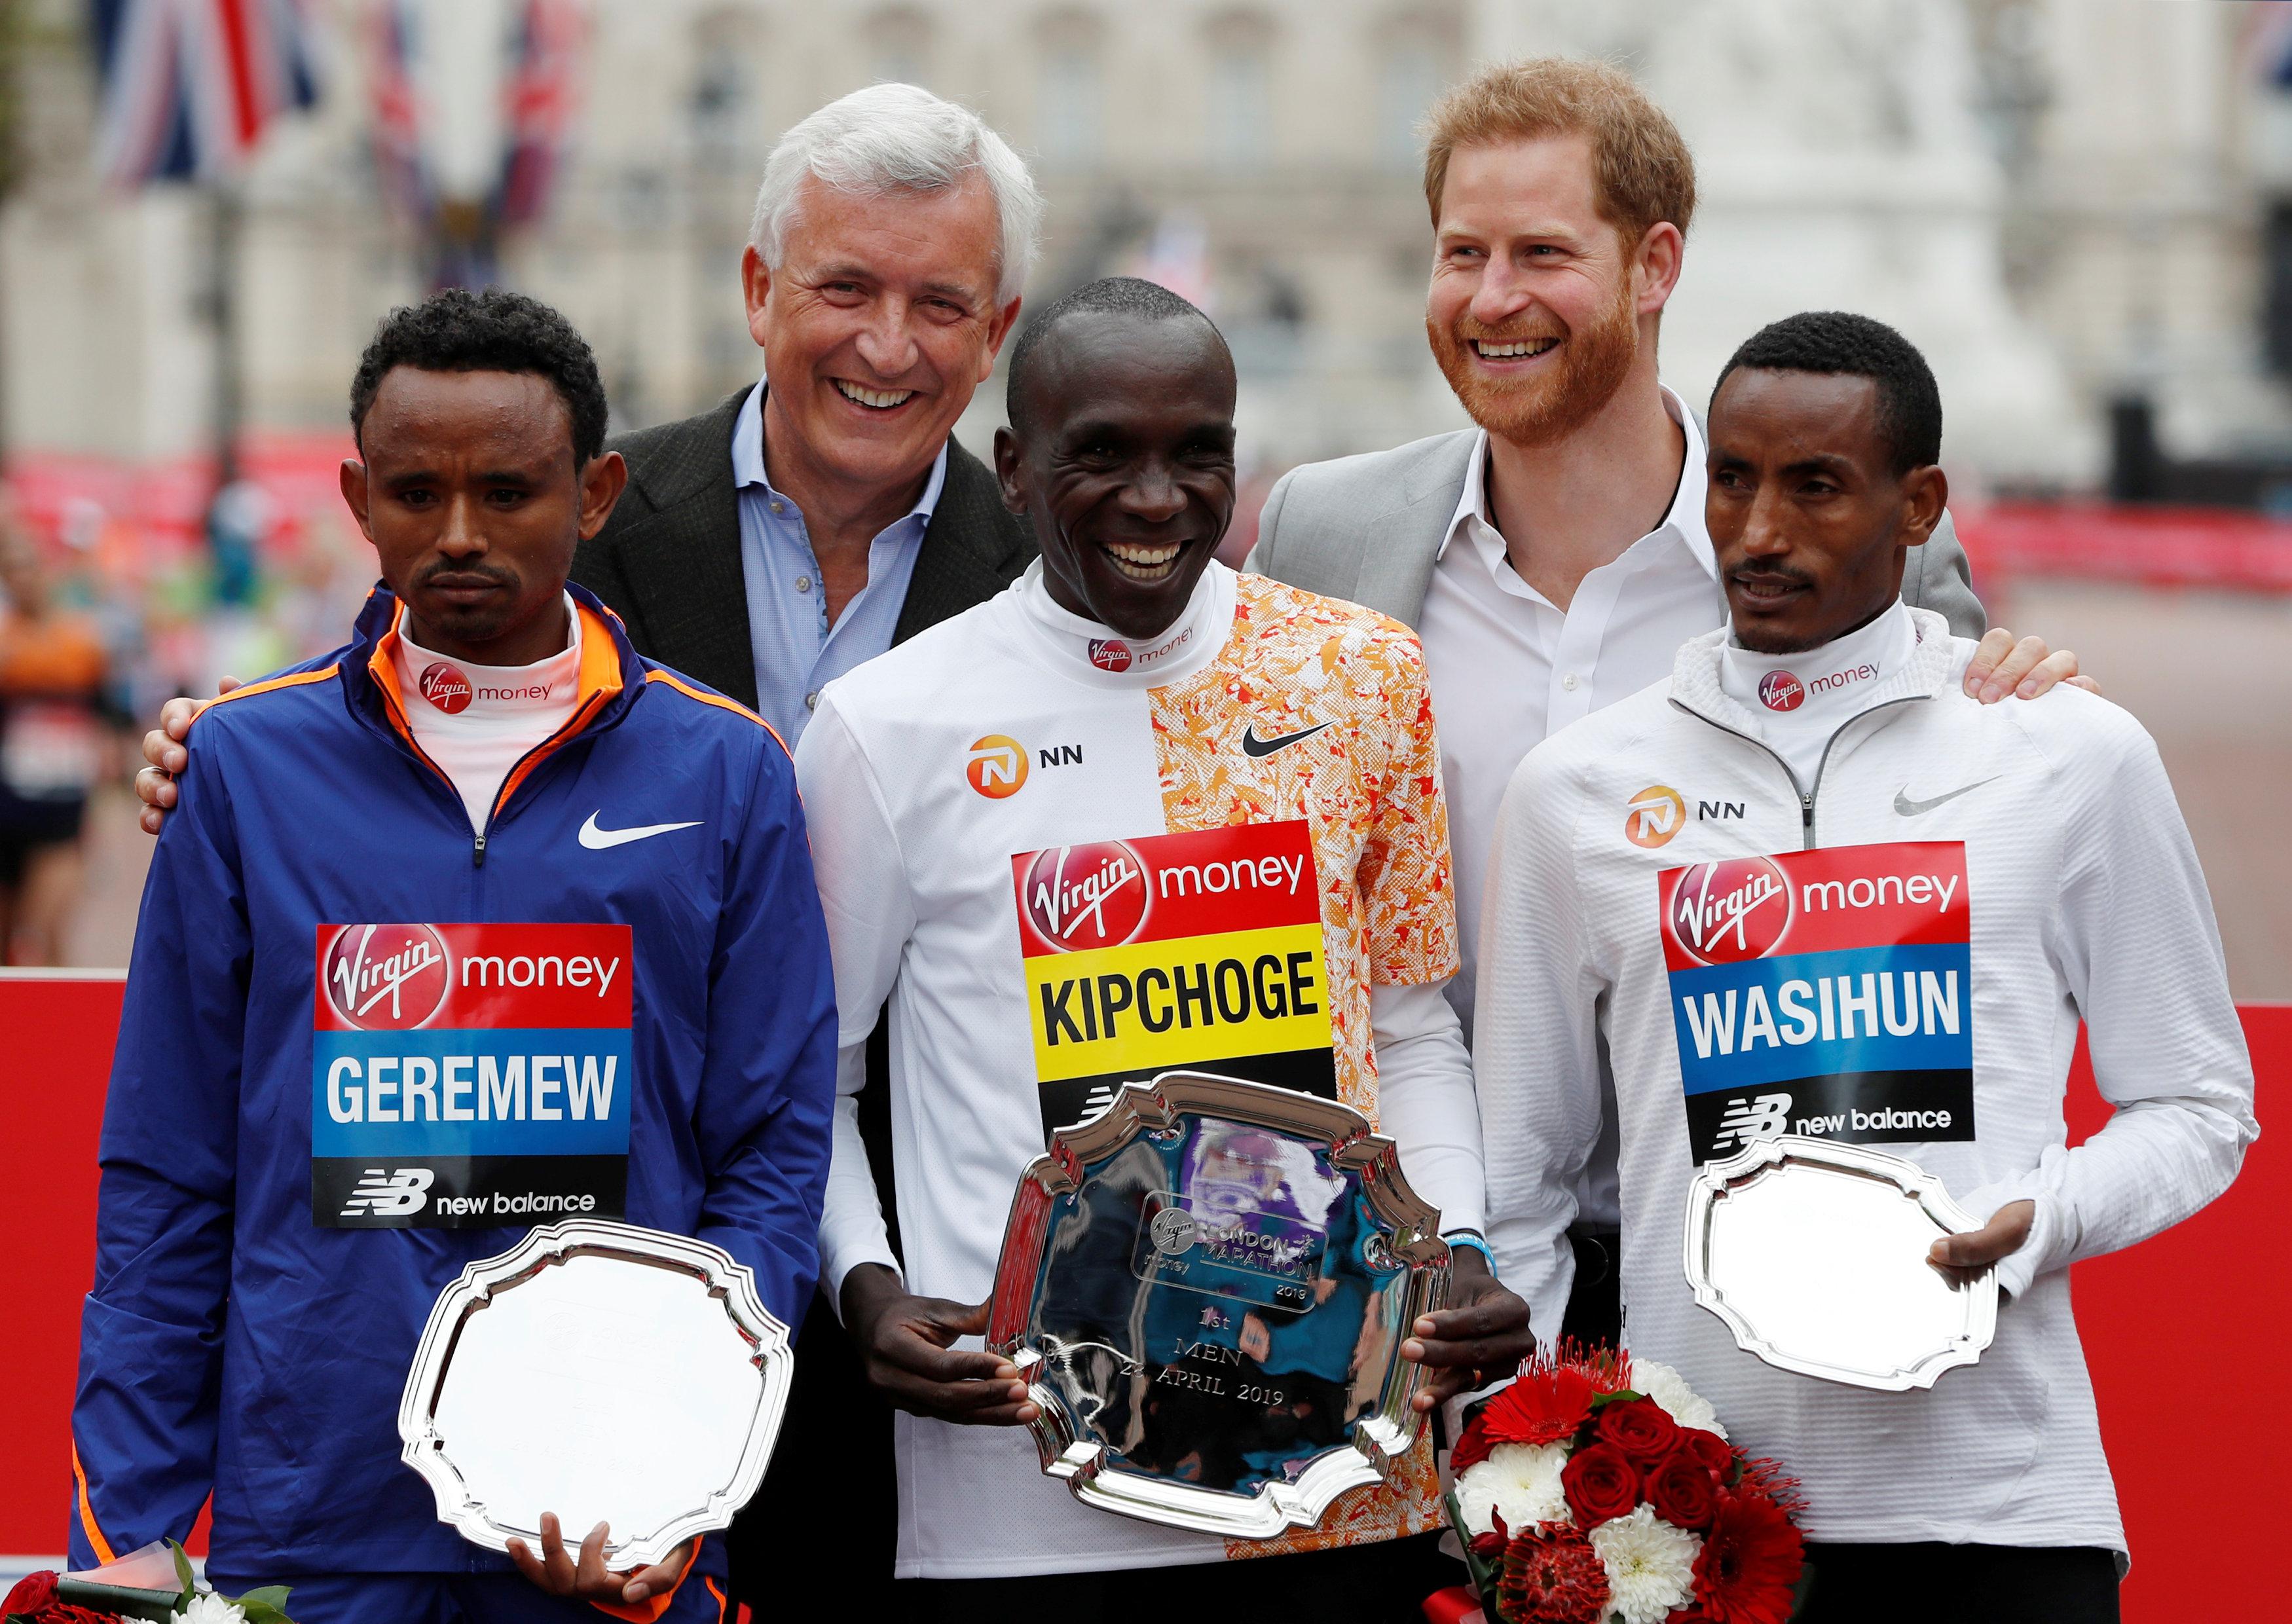 الكيني إليود كيبتشوج يحتفل بالفوز في سباق النخبة للرجال مع الكأس والأمير البريطاني هاري، 28 أبريل 2019  (رويترز)